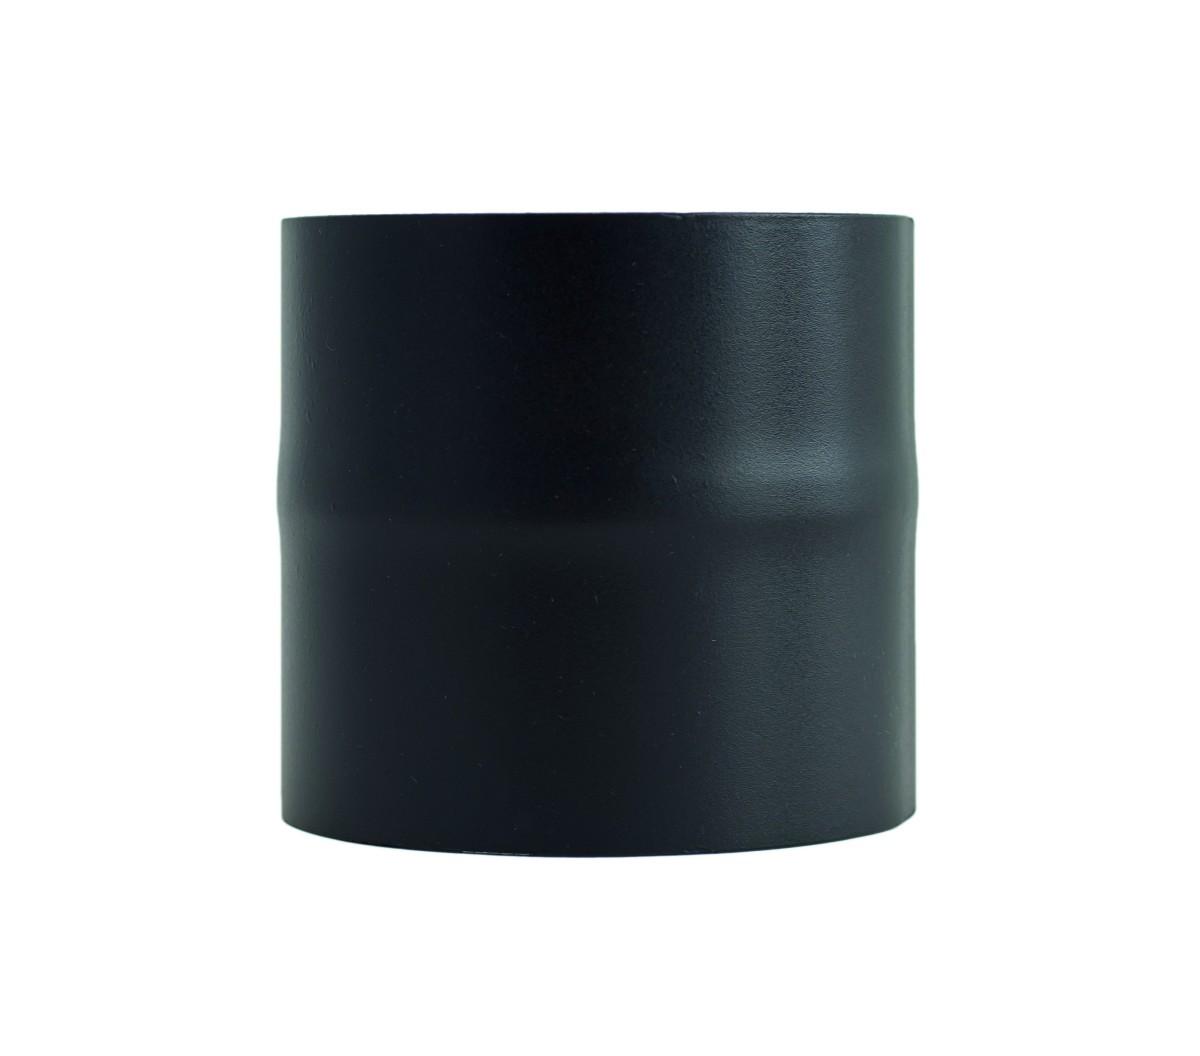 Manguito hembra-hembra 200 mm